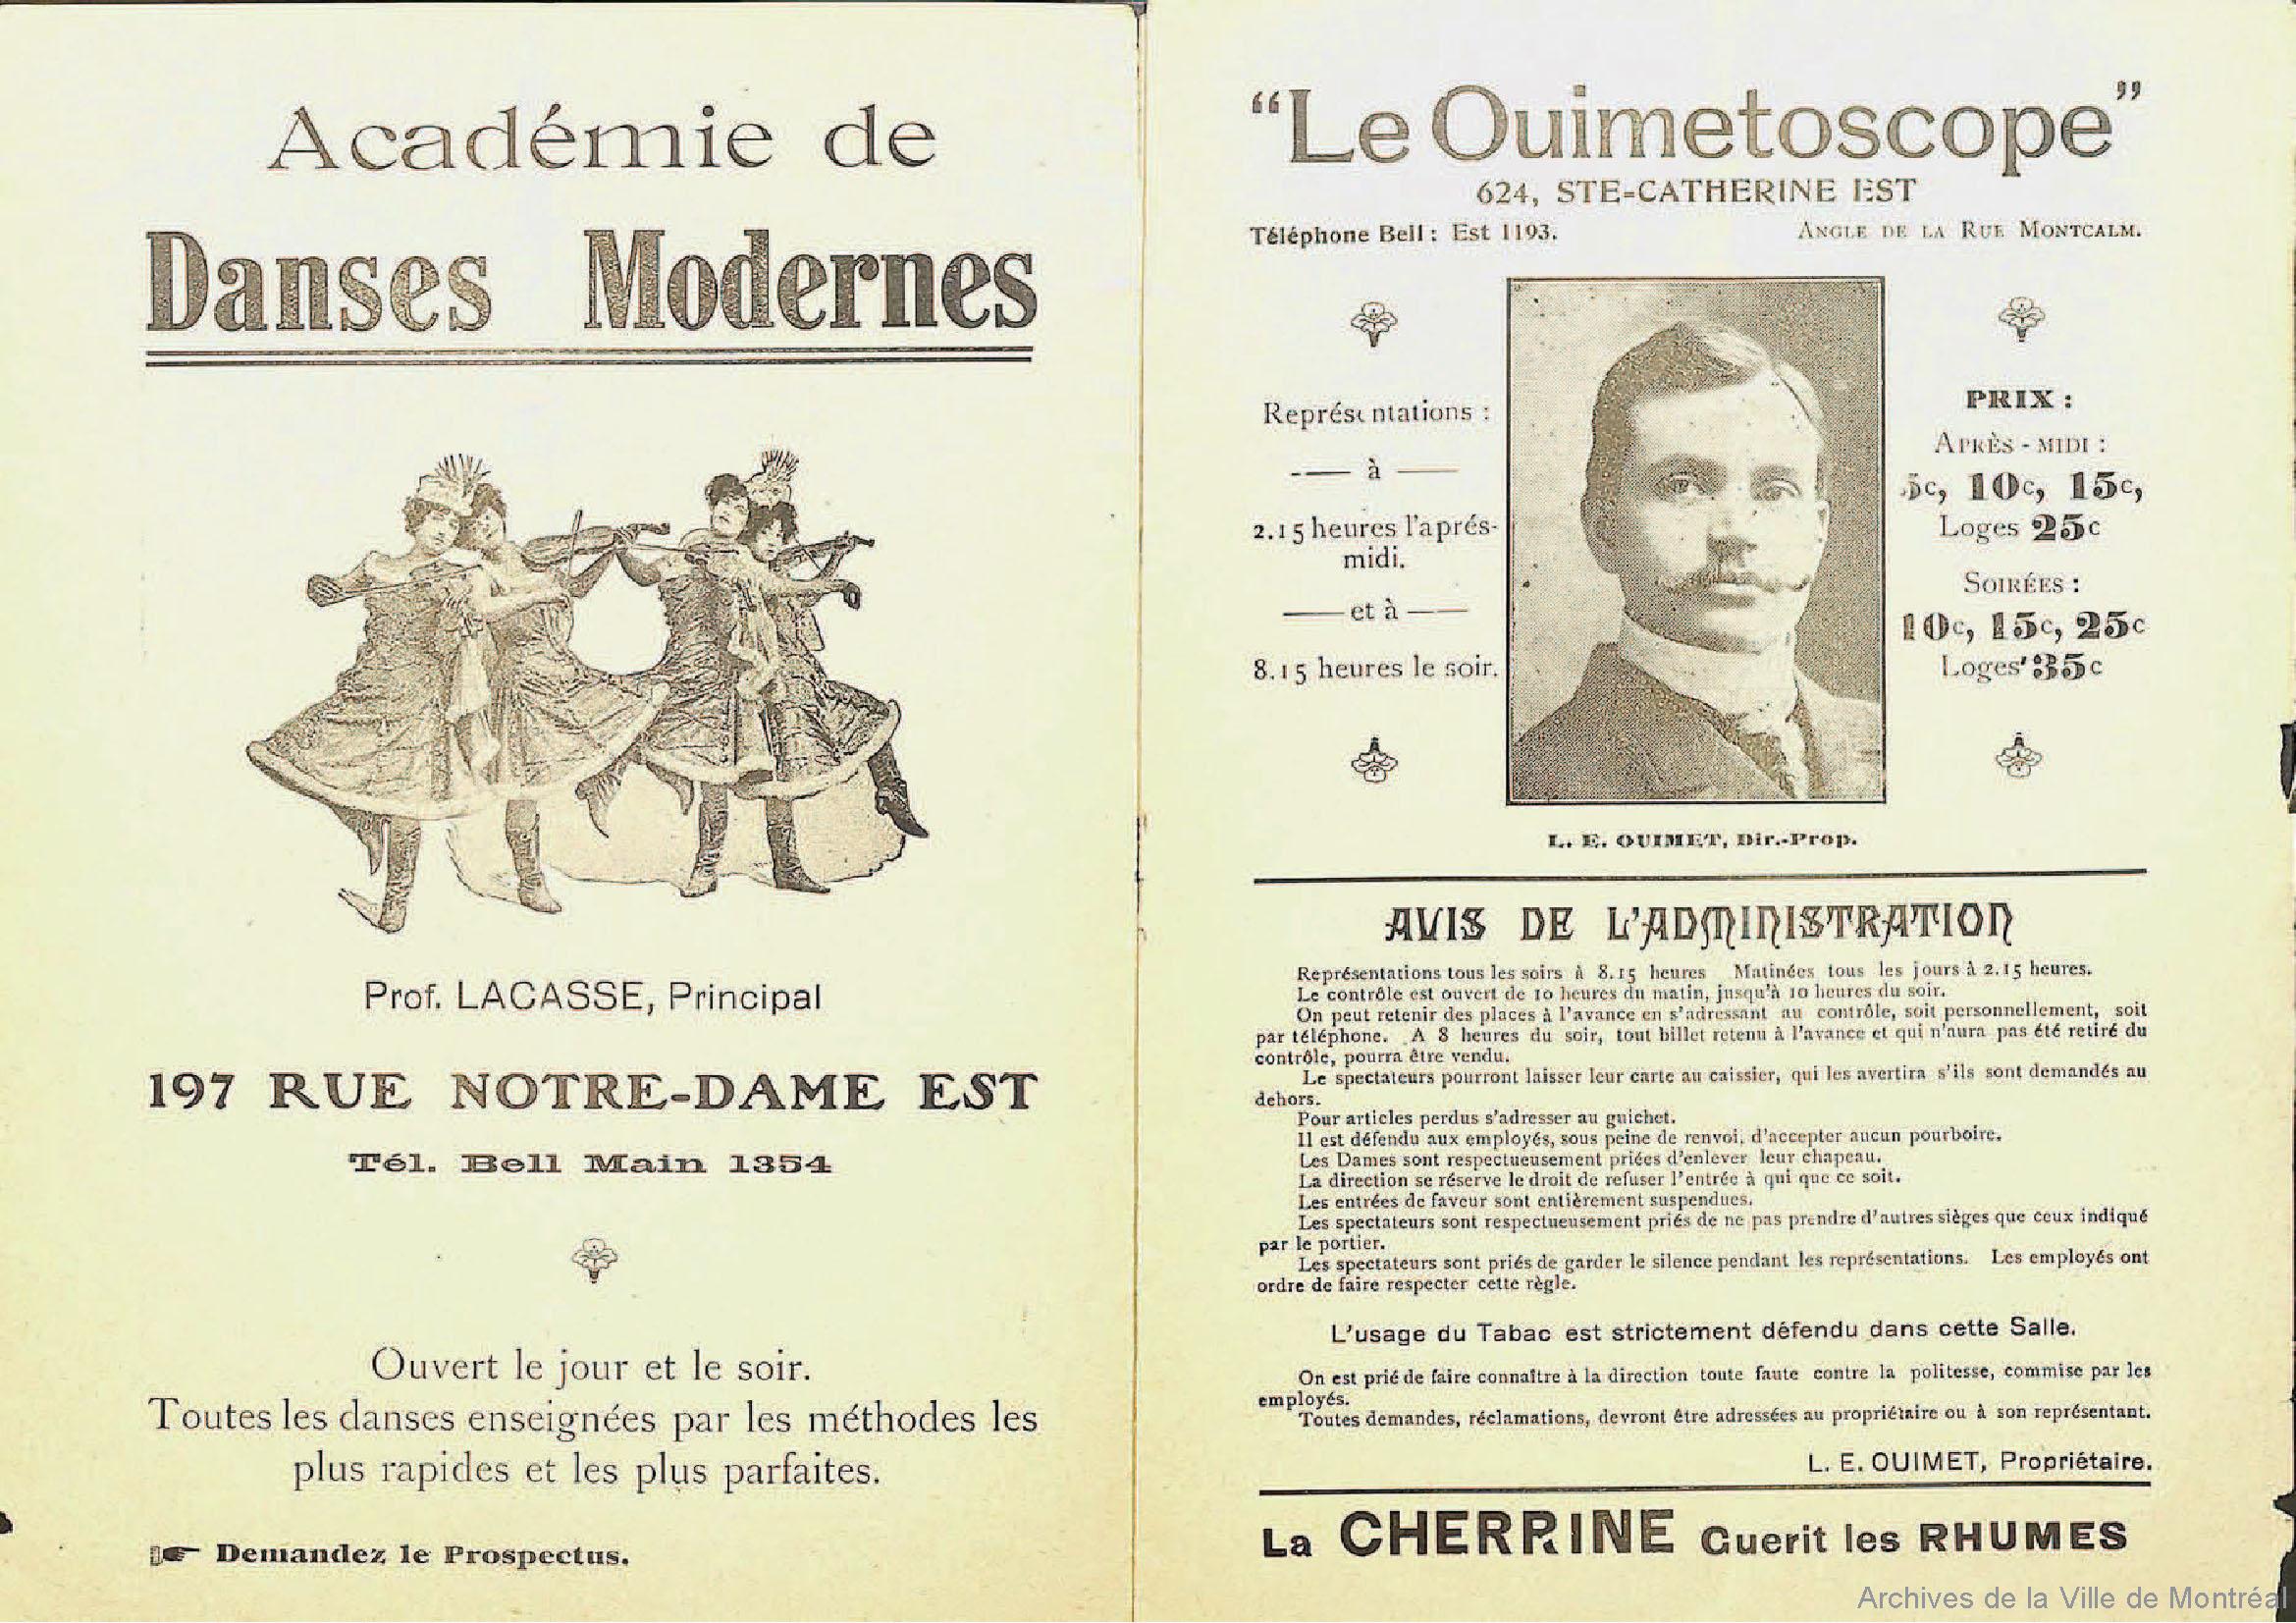 Page «Le Ouimetoscope» donnant des informations sur le cinéma.